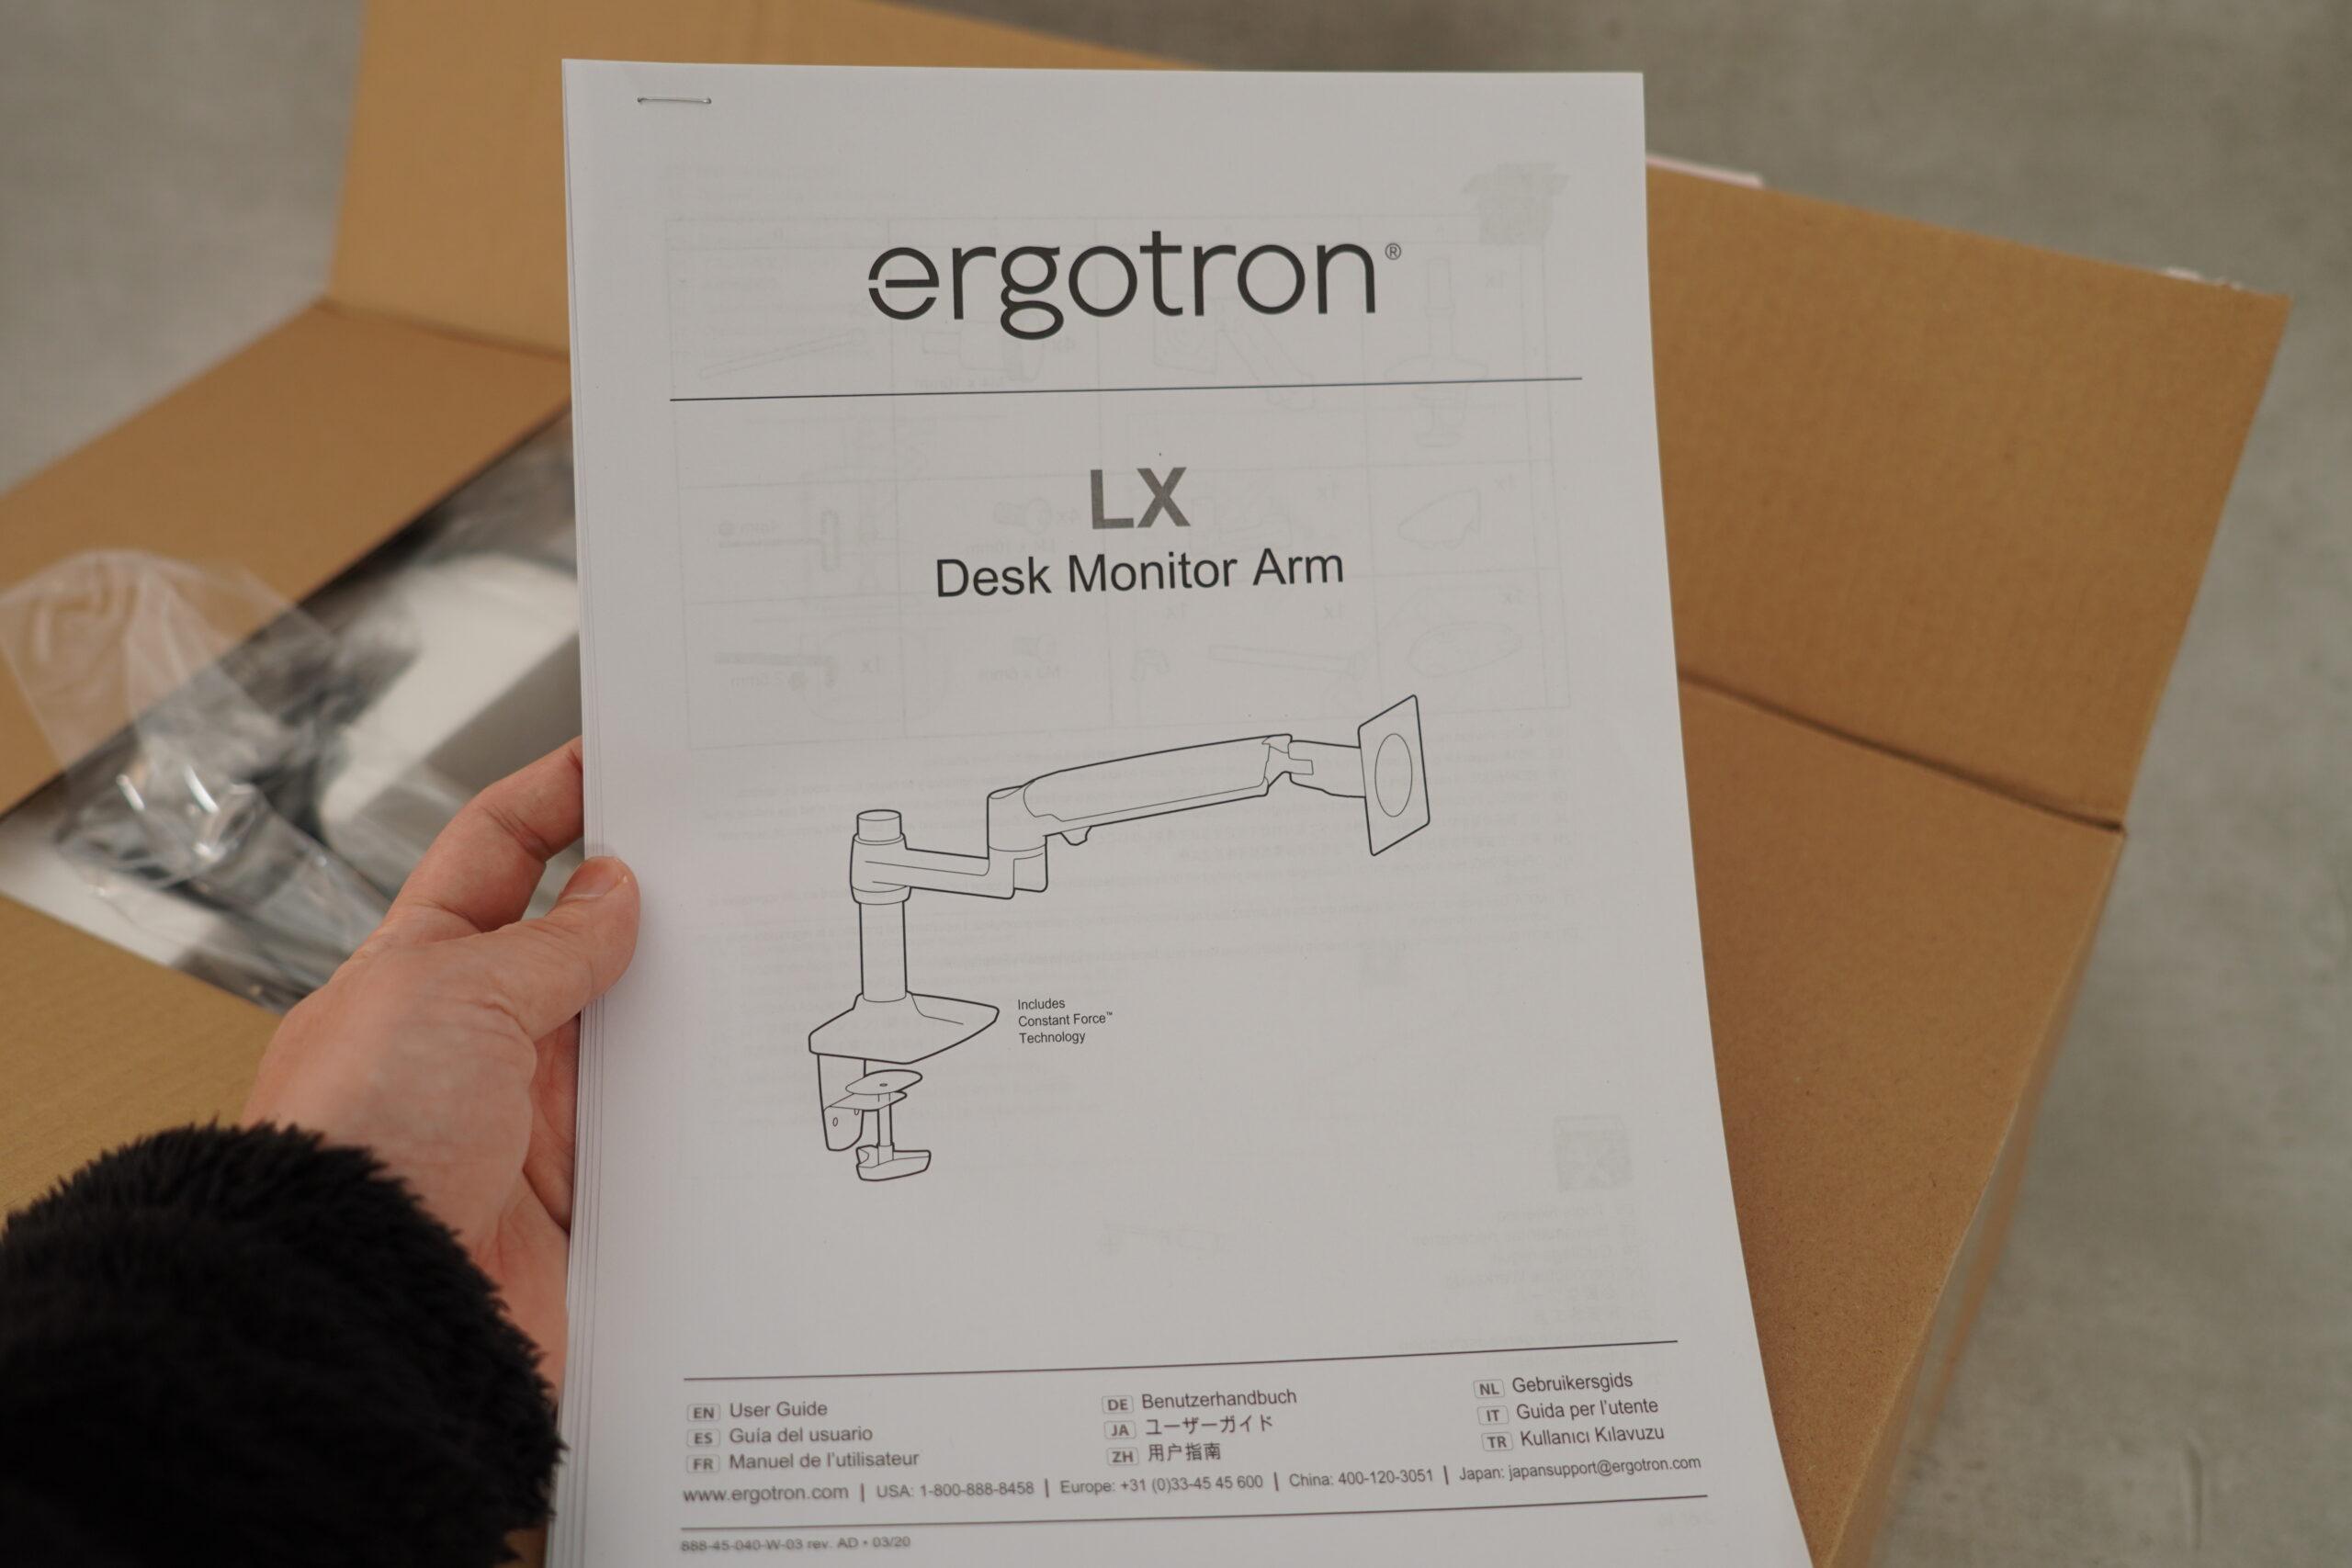 ERGOTRON(エルゴトロン)LX モニターアーム レビュー